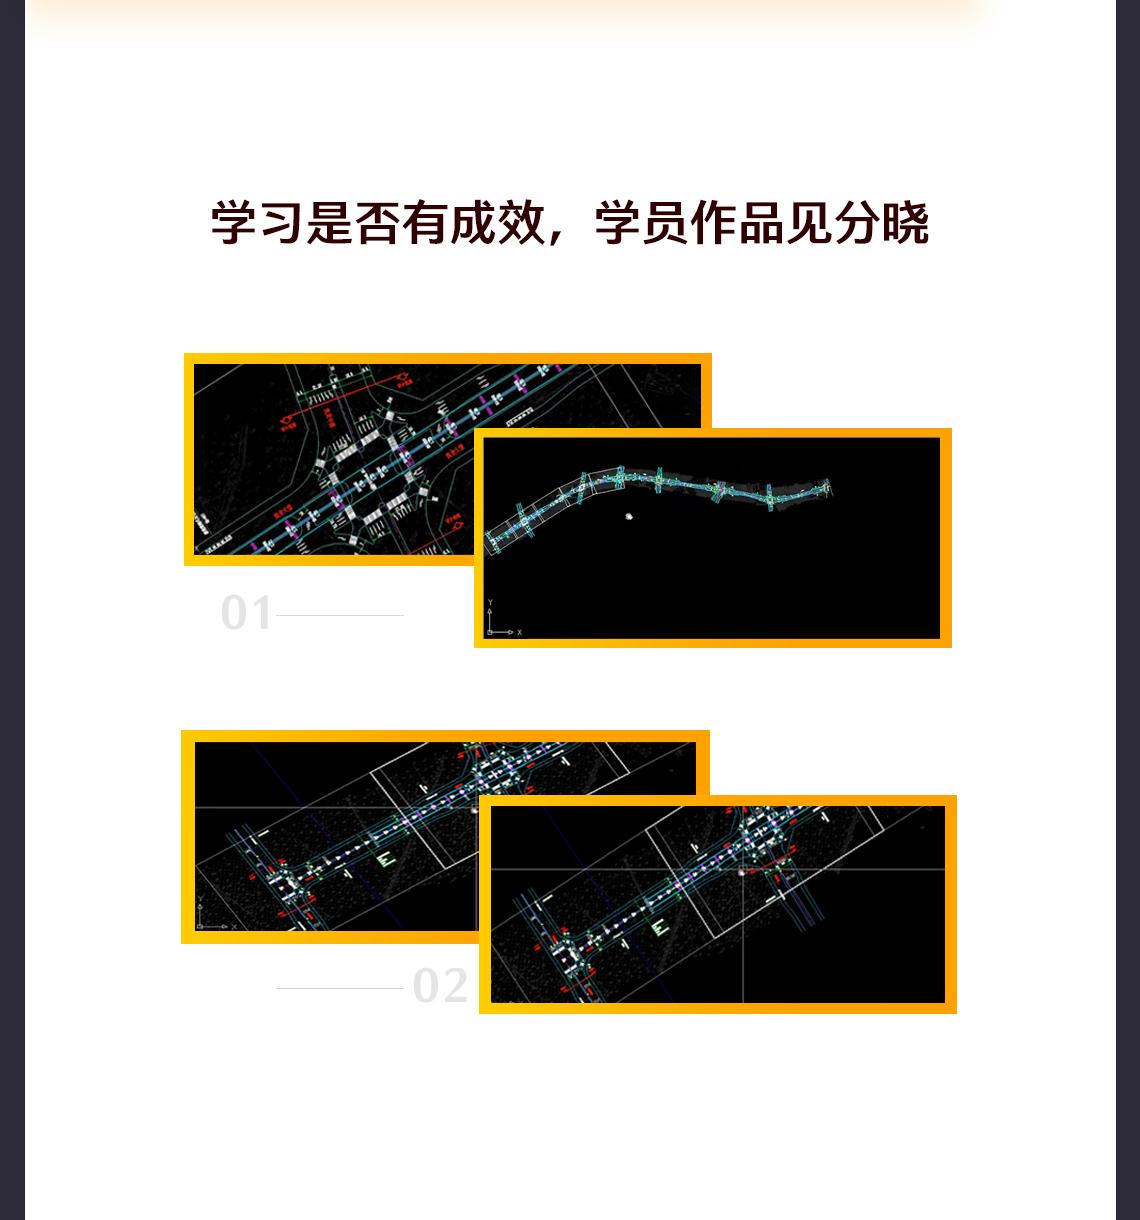 中国中铁、中国交建的小伙伴们都在这里学习,他们在筑龙学习后可以独立的做道路施工图设计,可以独立做道路设计。